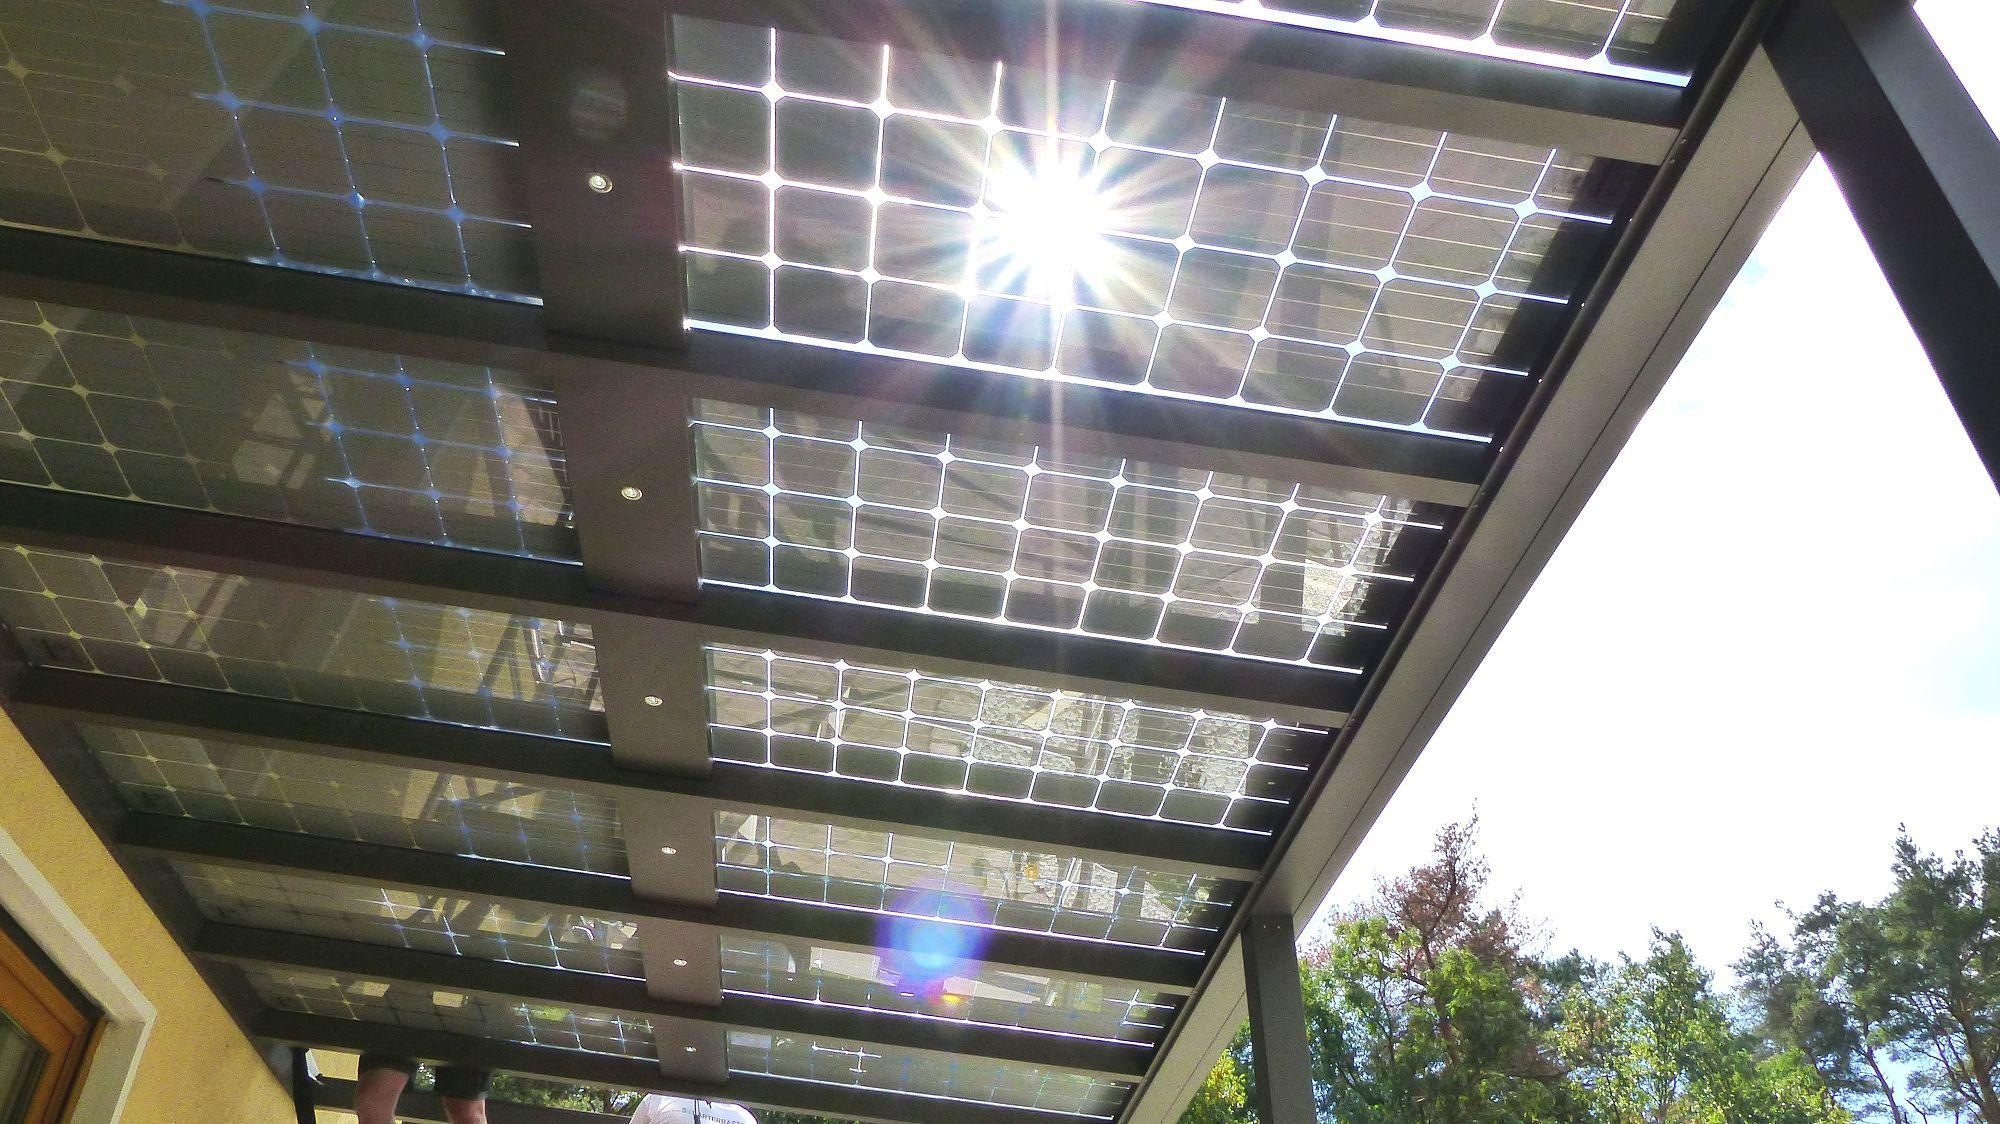 Picturesque Solarterrassen Photo Of Video Terrassendach Solar ▷ · Funktion Solarterrasse